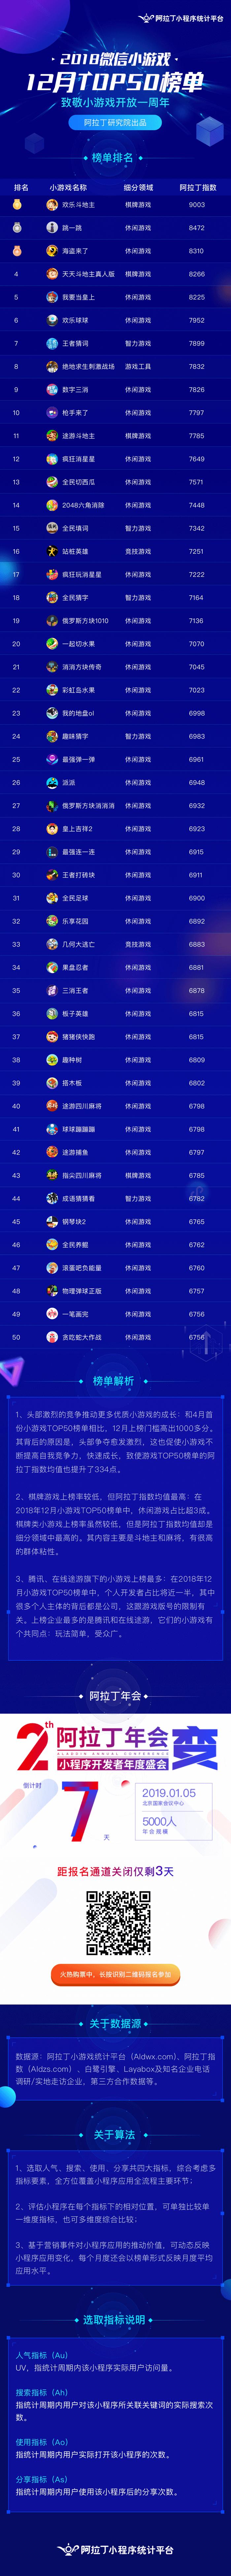 小游戏12月TOP50榜单发布